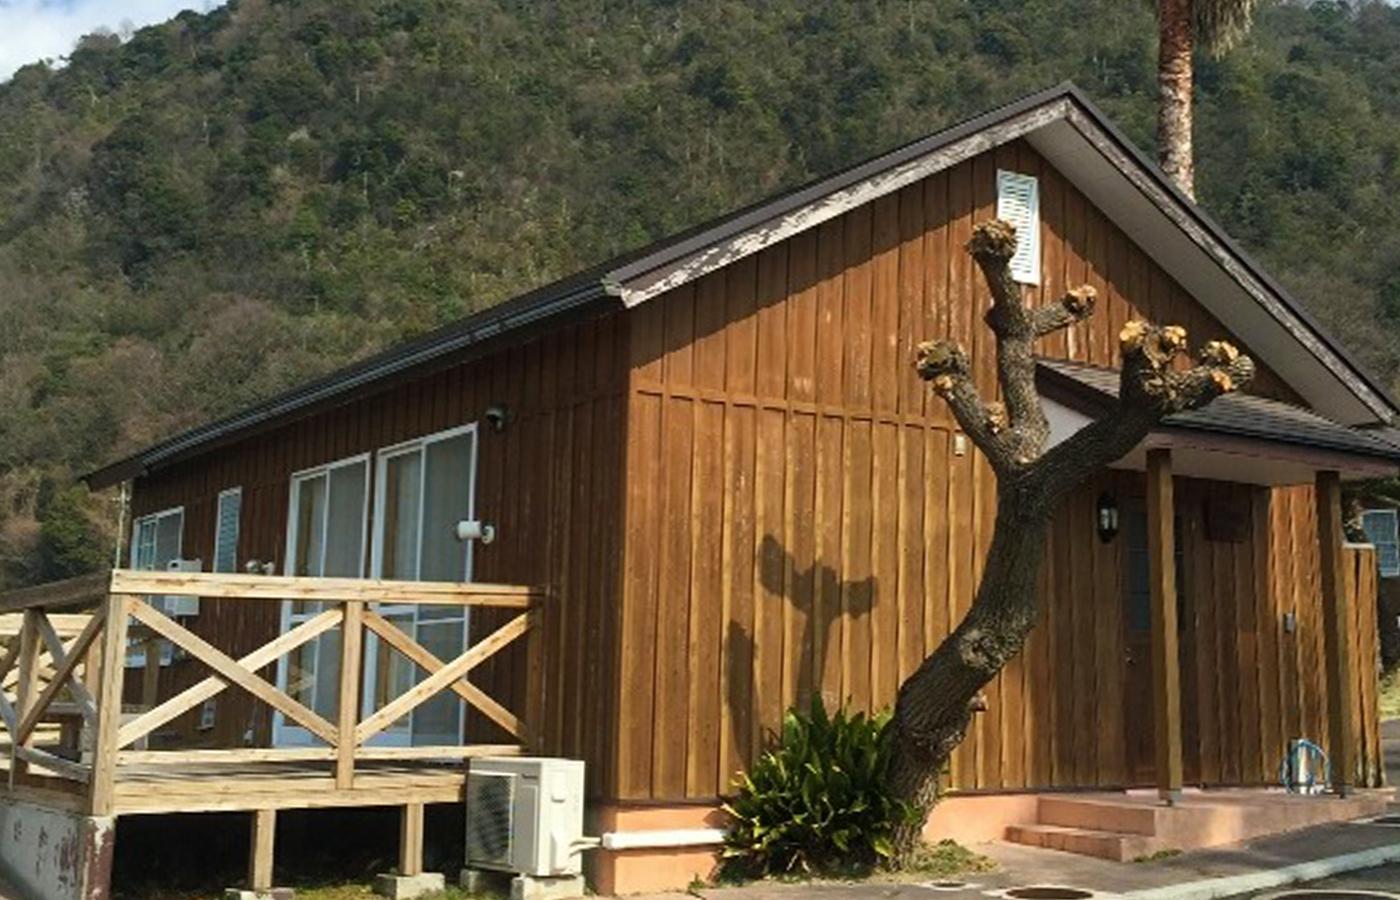 キラキラ輝く キッズアドベンチャーツアー(木造コテージ泊)<br>広島県呉市 安芸灘とびしま海道